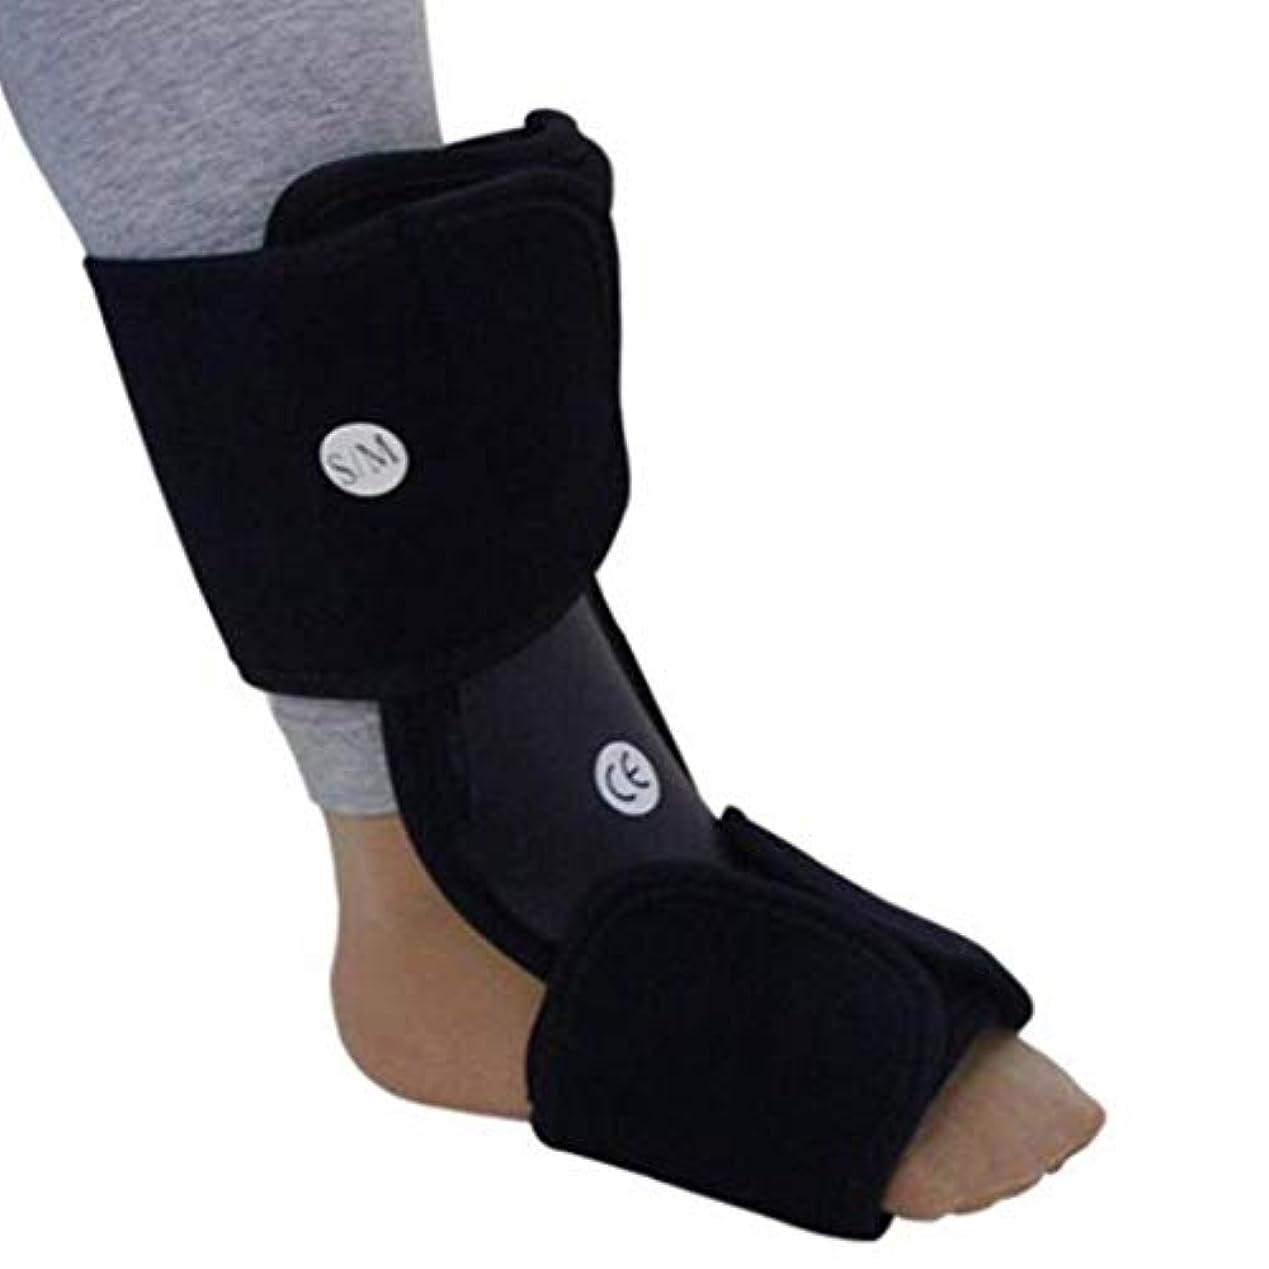 天井マッシュ休日足首レッグストラップサポート足装具補正足底スプリント固定プロテクター足首の痛みを軽減し、捻rainを復元 (Size : S)